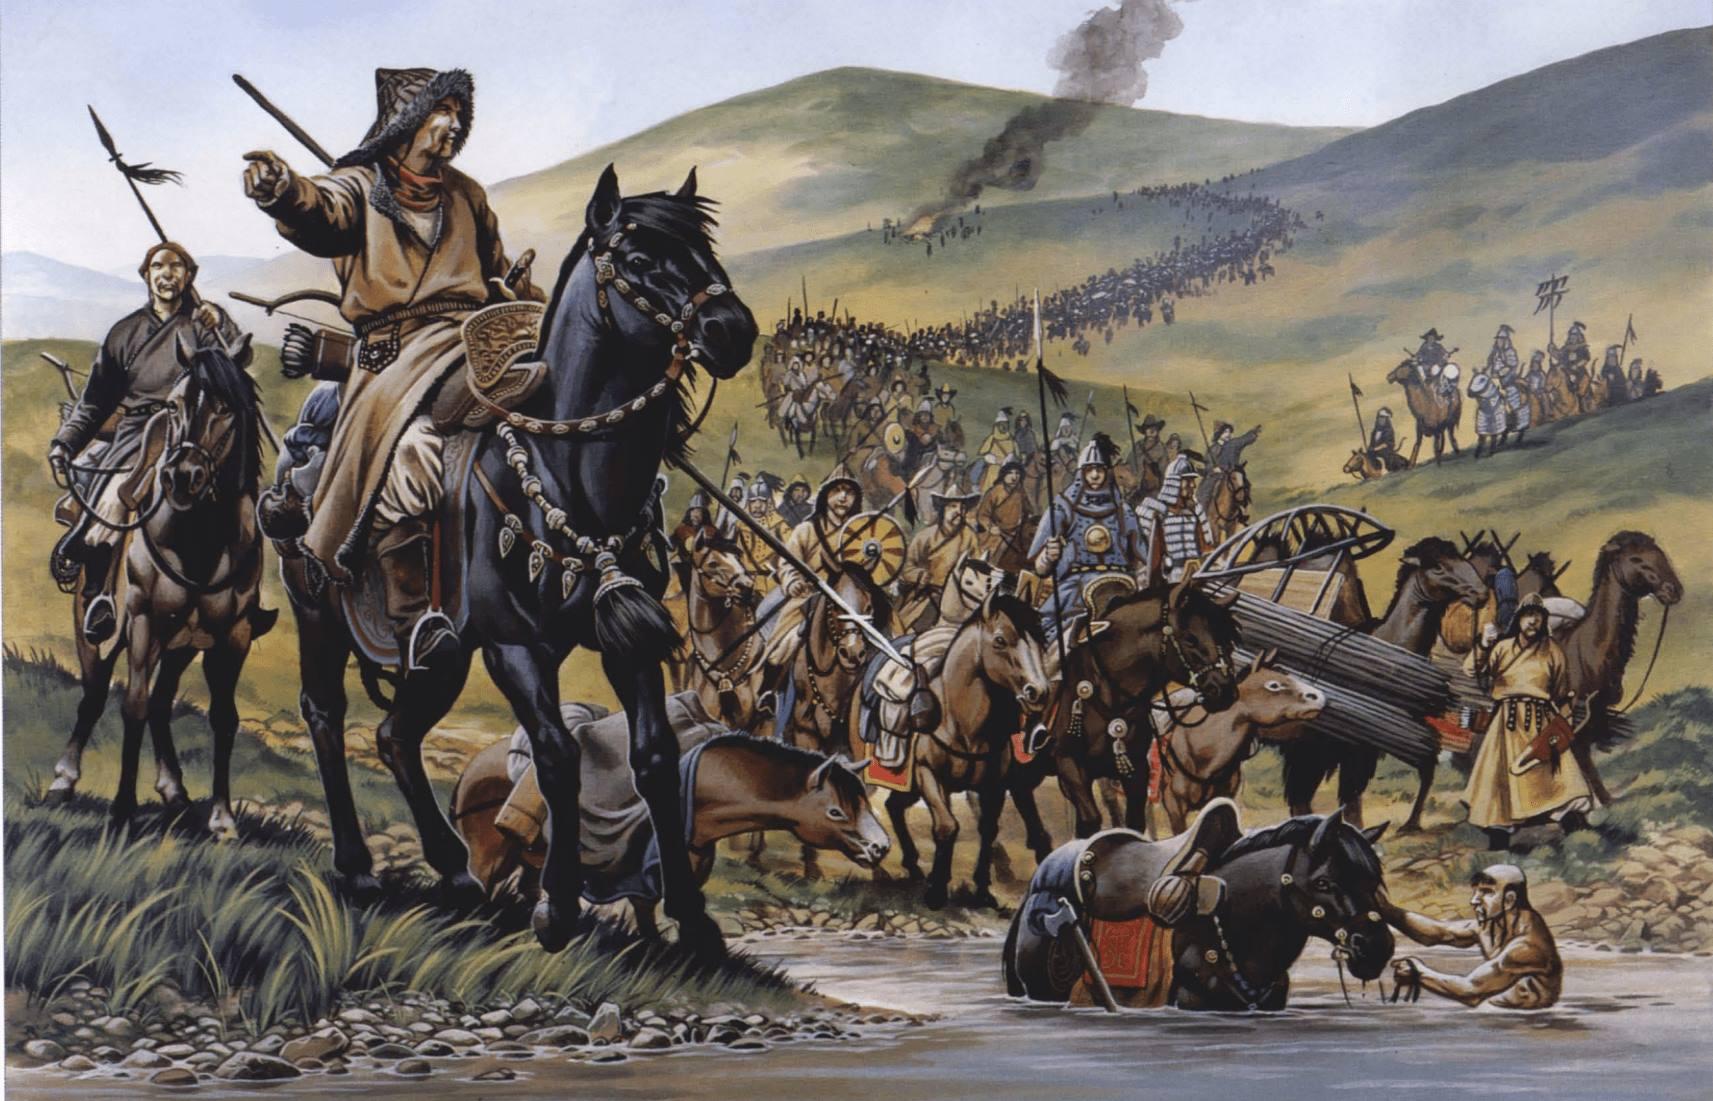 El ejército mongol